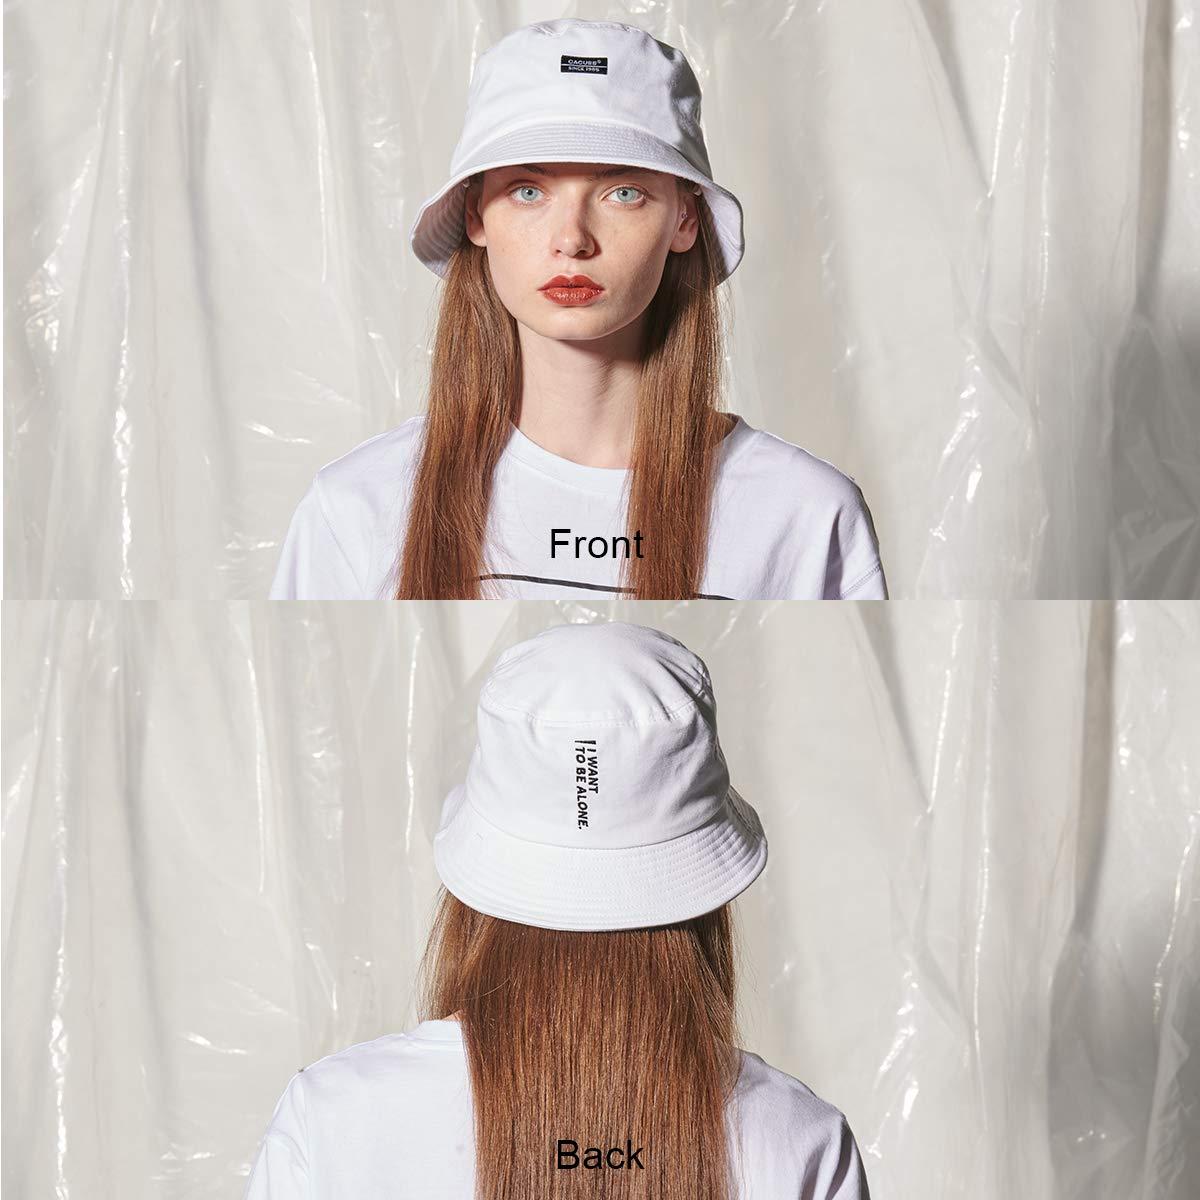 CACUSS Unisex Fischerhut Damen Hut modern Element faltbar f/ür Reisen M/ädchen Sonnenhut aus 100/% Baumwolle